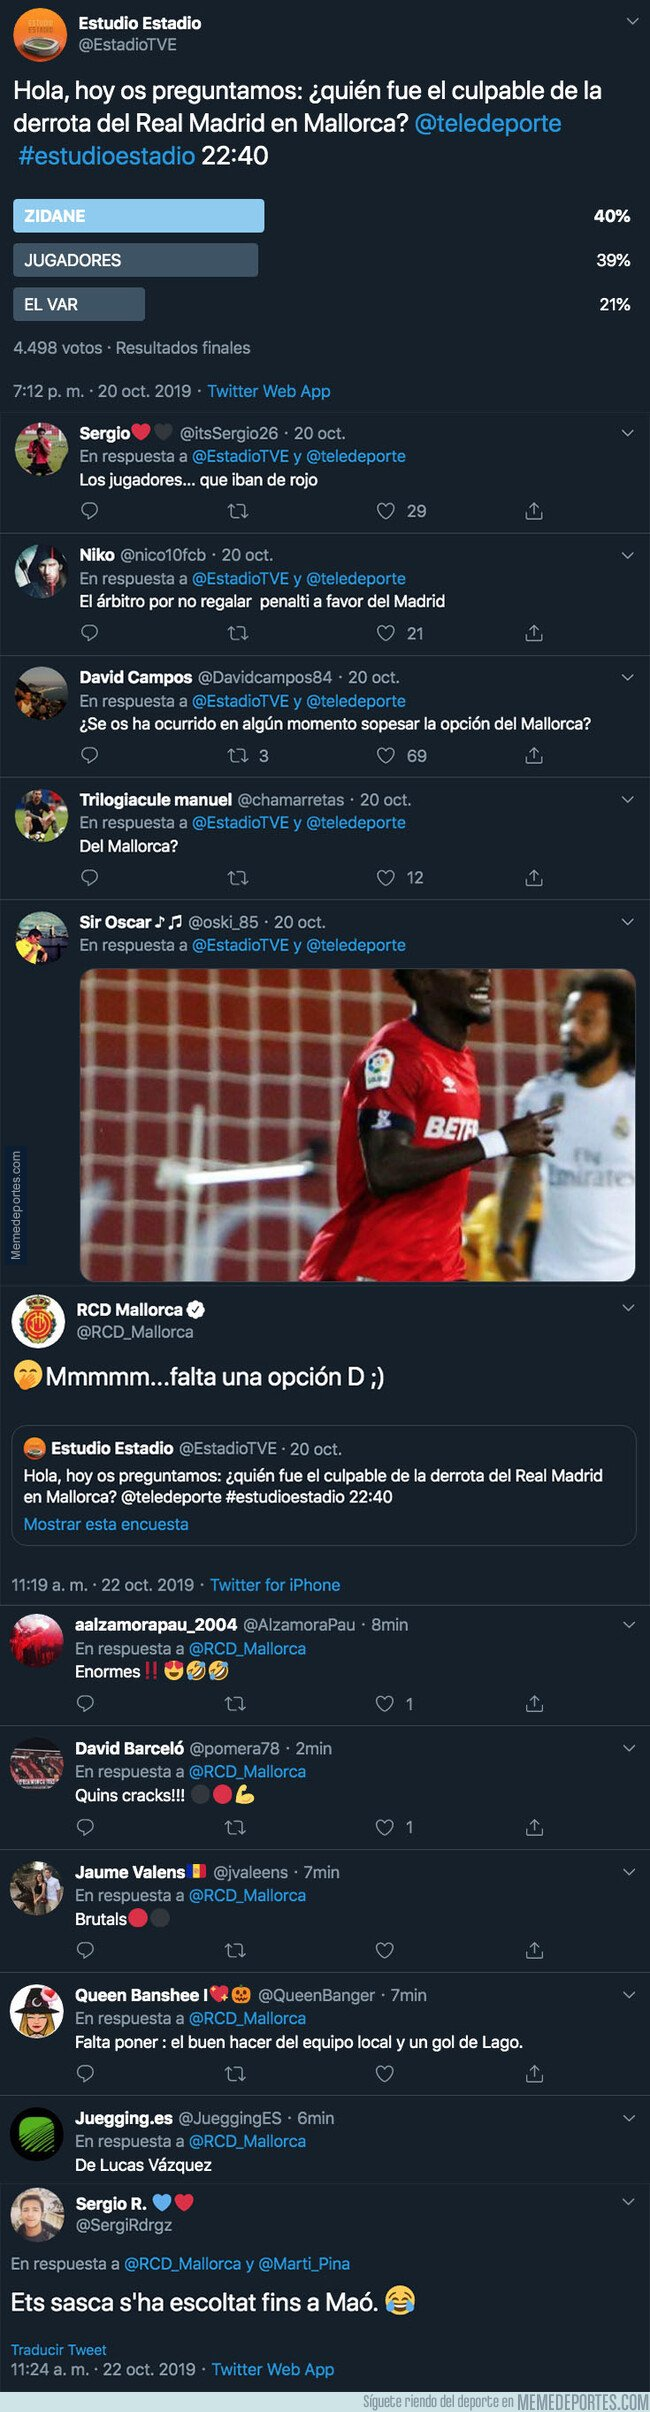 1088999 - 'Estudio Estadio' de TVE hace esta pregunta sobre el Real Madrid y su último partido perdido y el Mallorca aprovecha para lanzarles un revés monumental